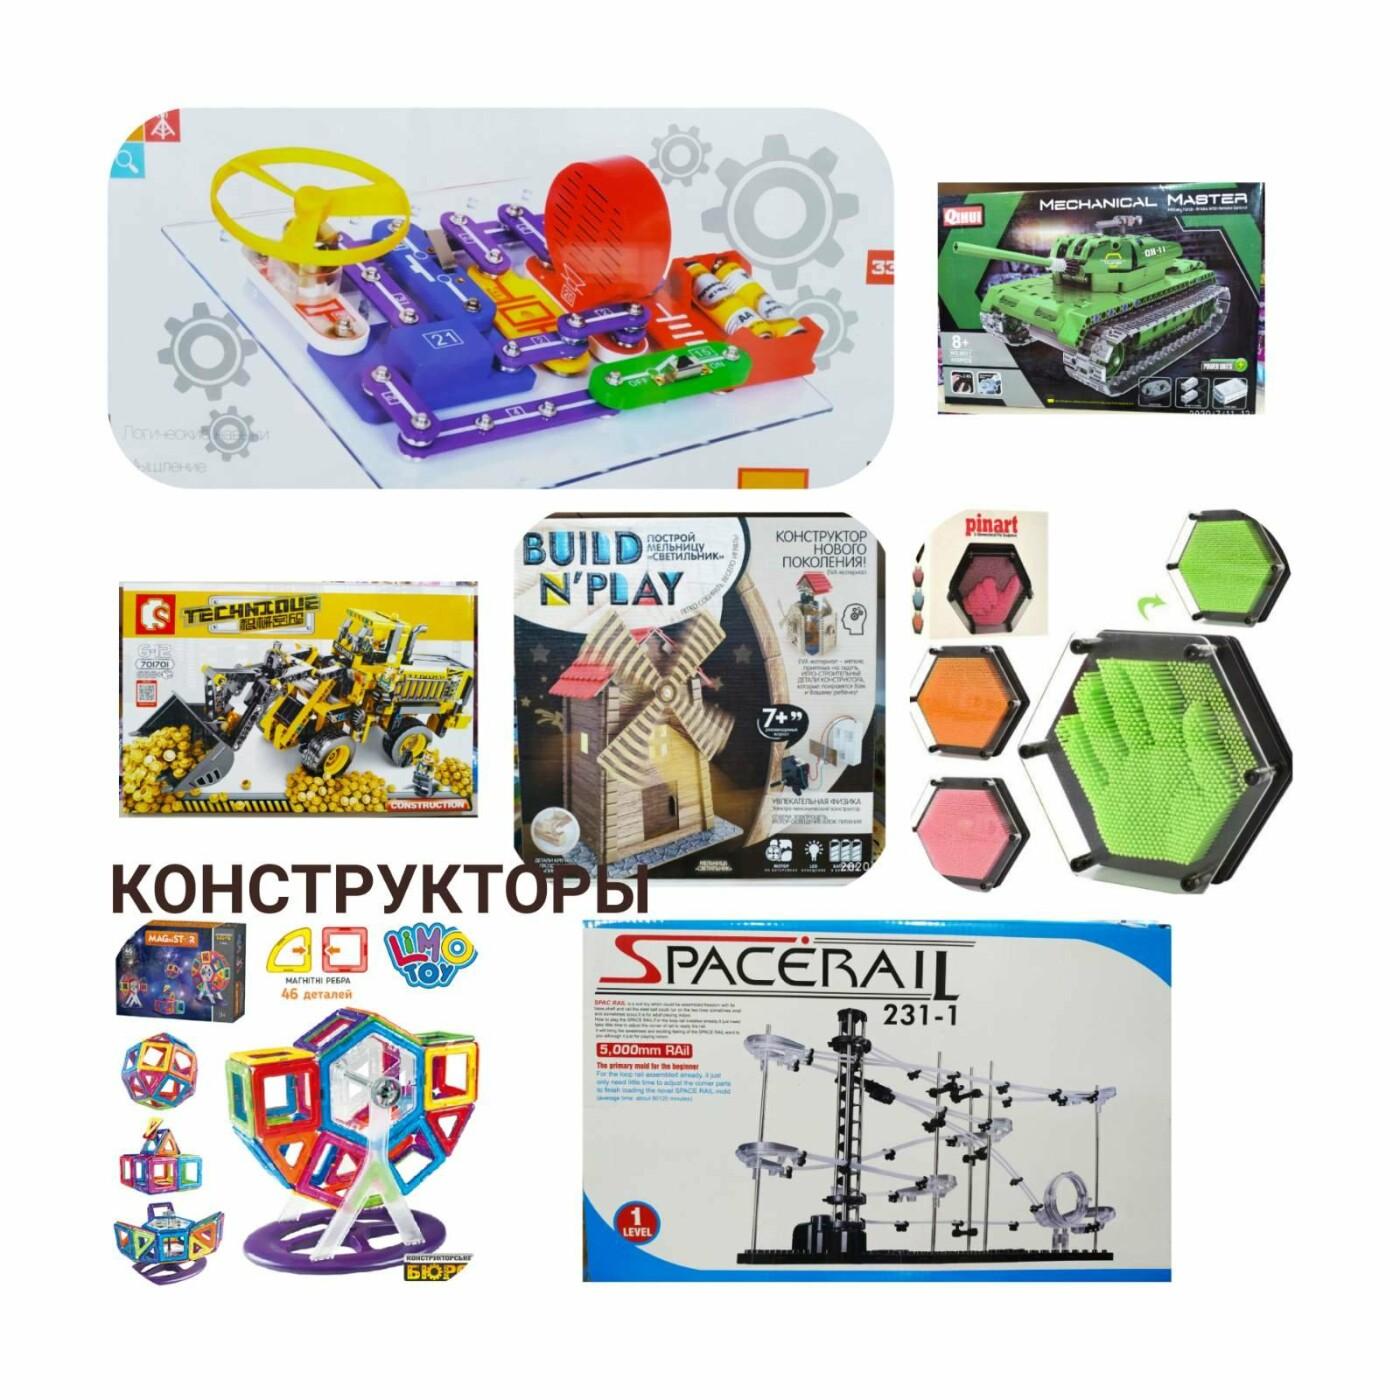 Черная пятница в Харькове - что предлагают компании?, фото-39